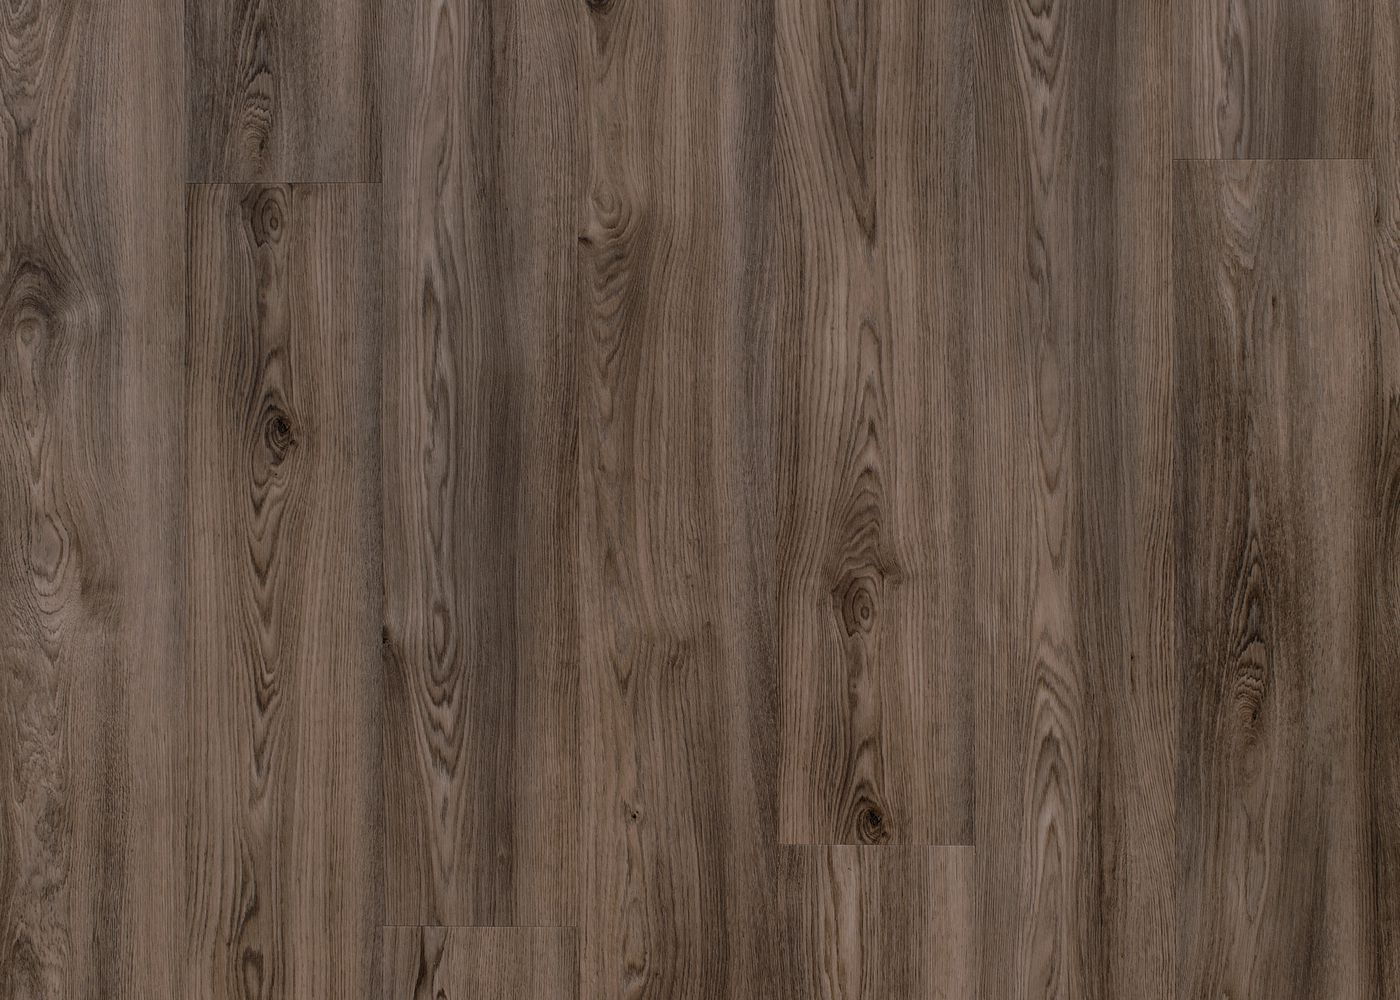 Lames vinyles passage intensif clipsable 55 monolame g4 décor Chêne columbian 996e - couche d'usure 0,55mm Passage intensif